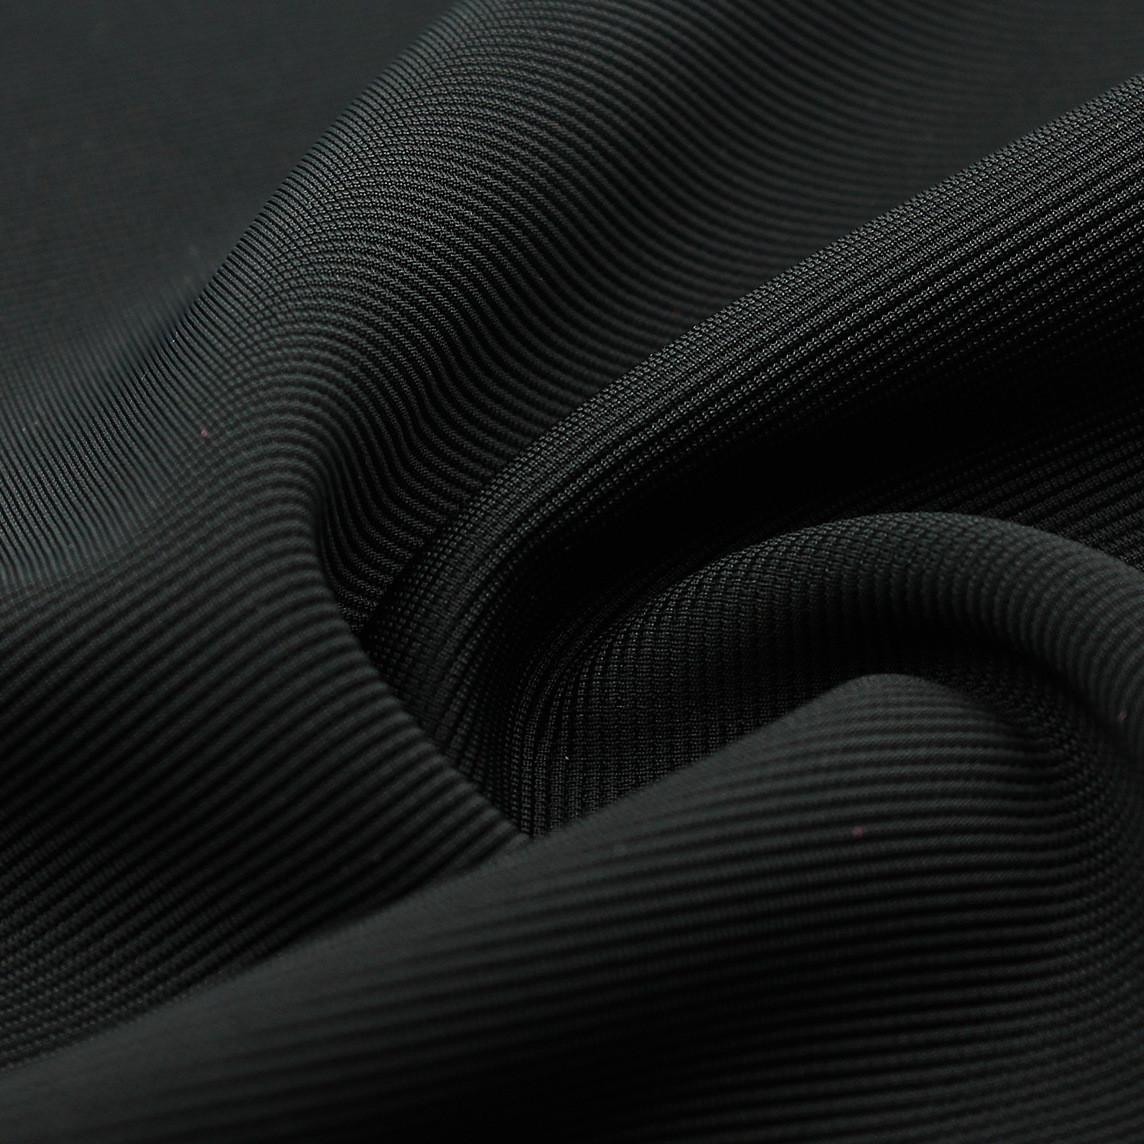 厂家涤氨弹力手套常用布楼梯布320g罗纹横条服装复合袖口领口加厚